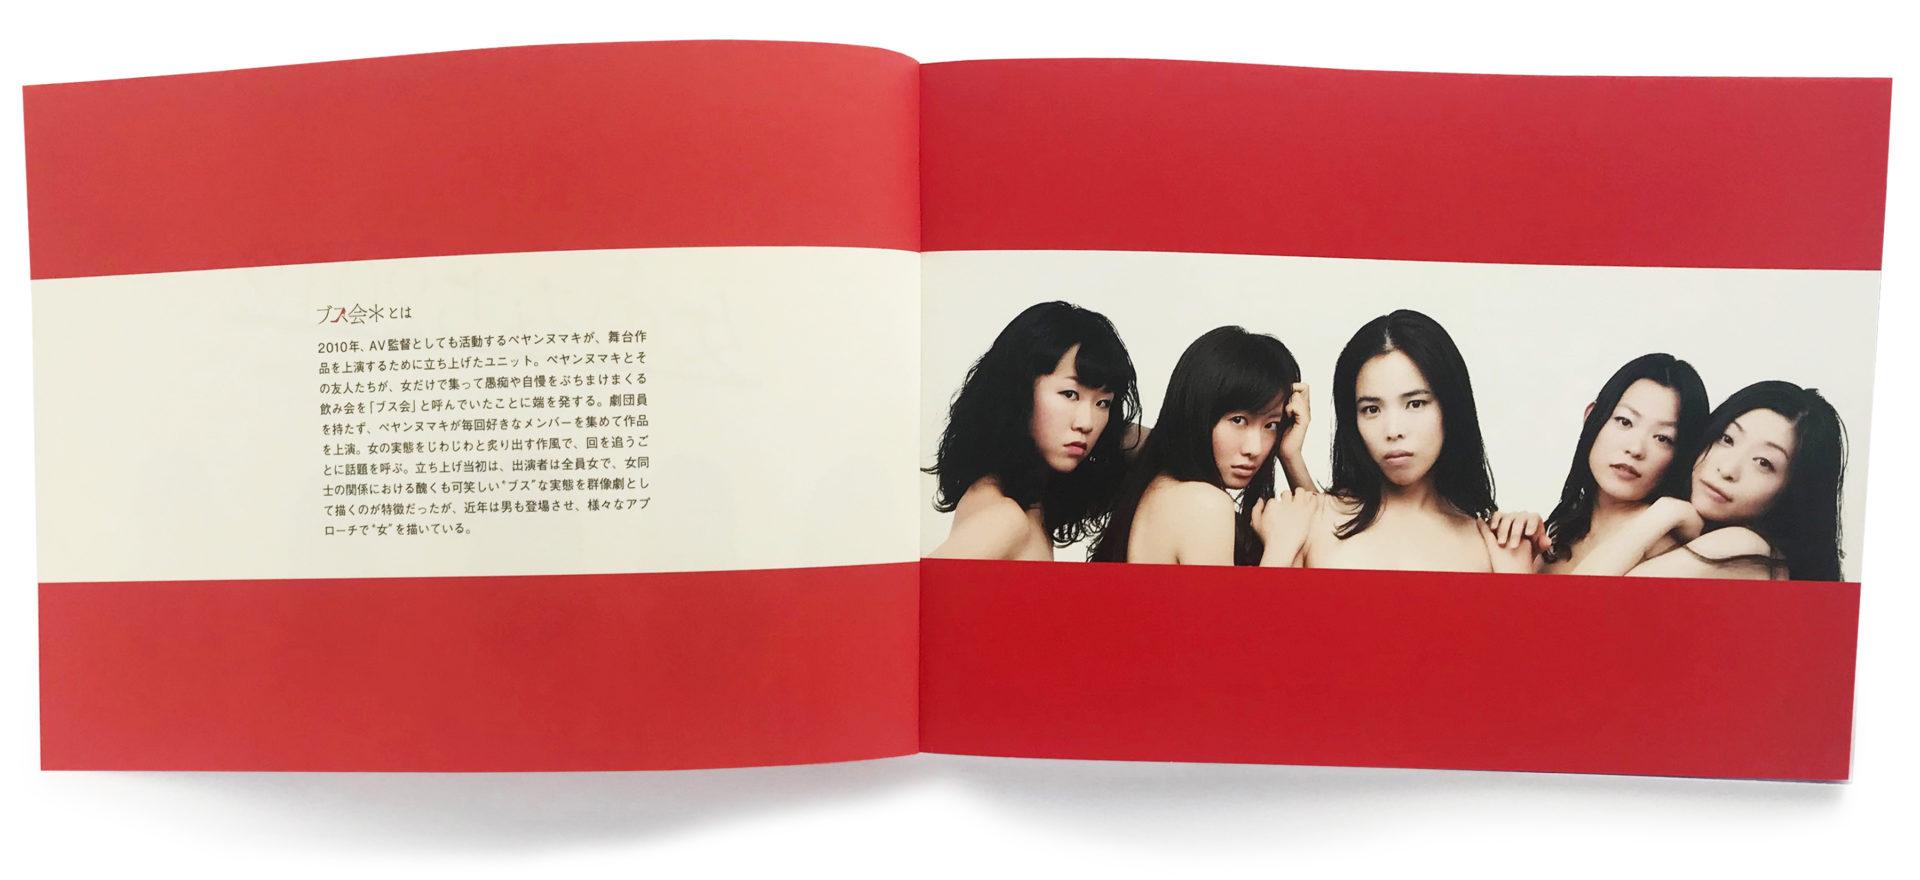 第5回ブス会*『女のみち 2012 再演』 2